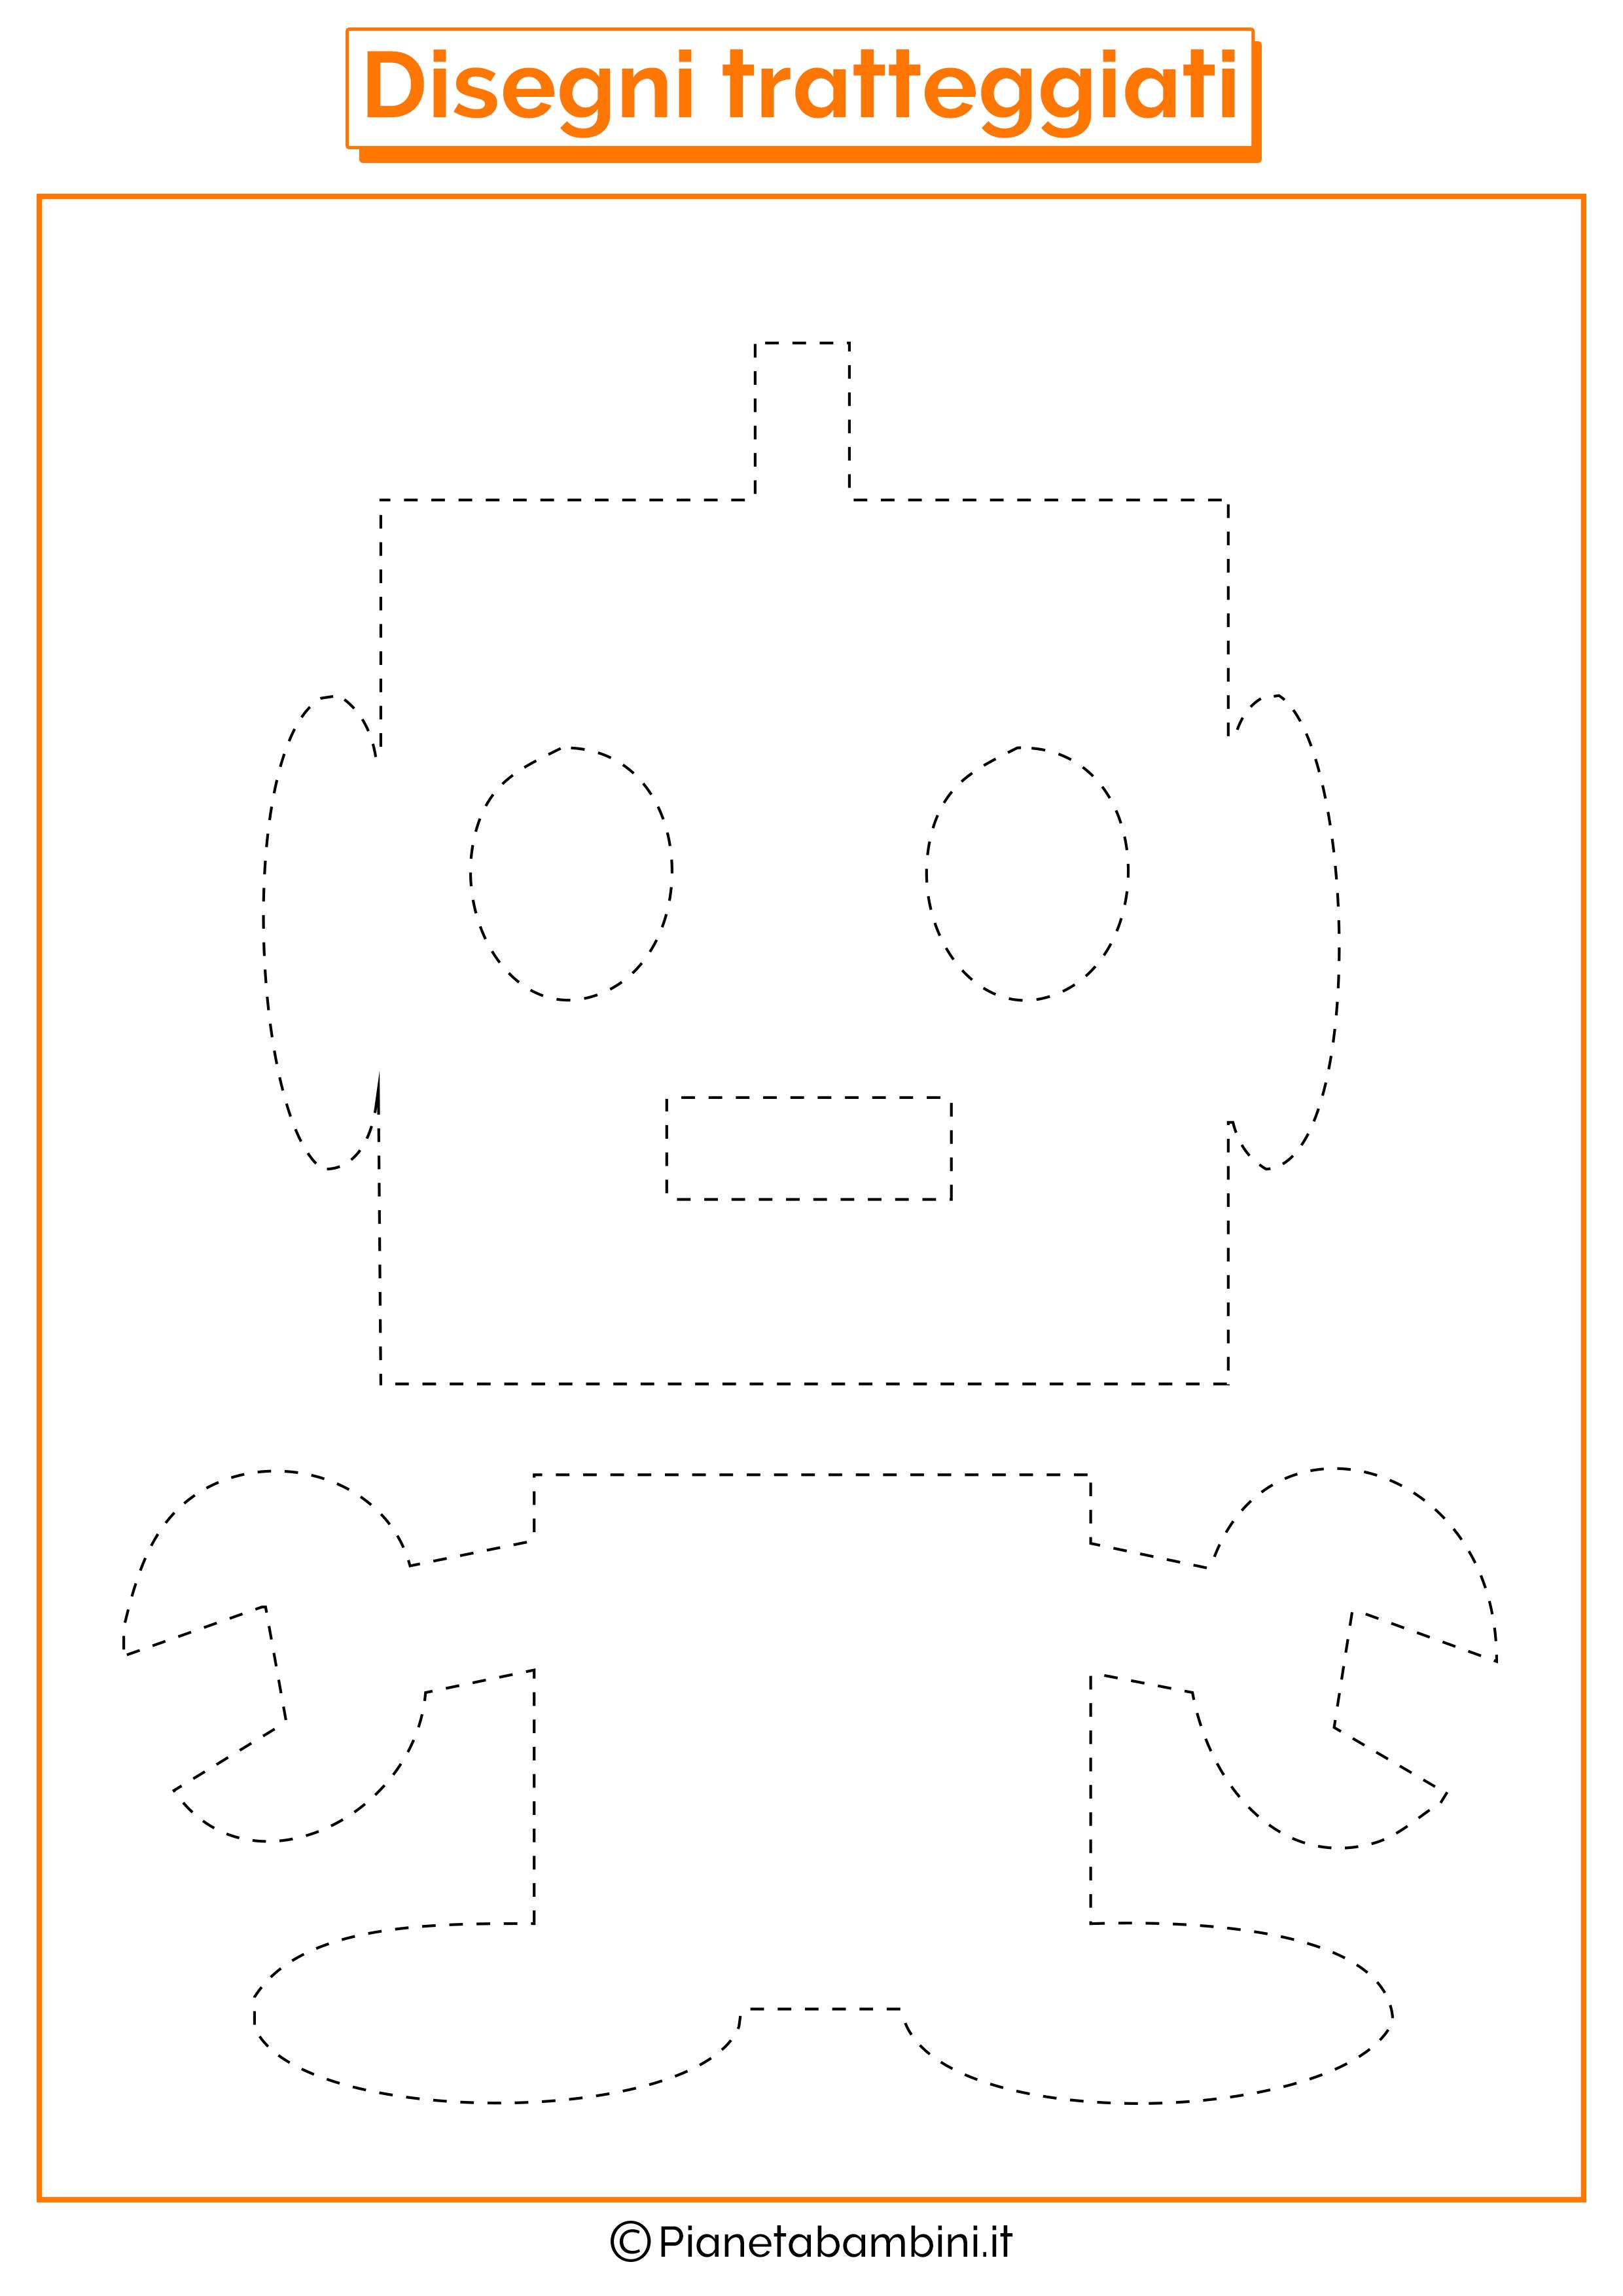 Disegni-Tratteggiati-Robot